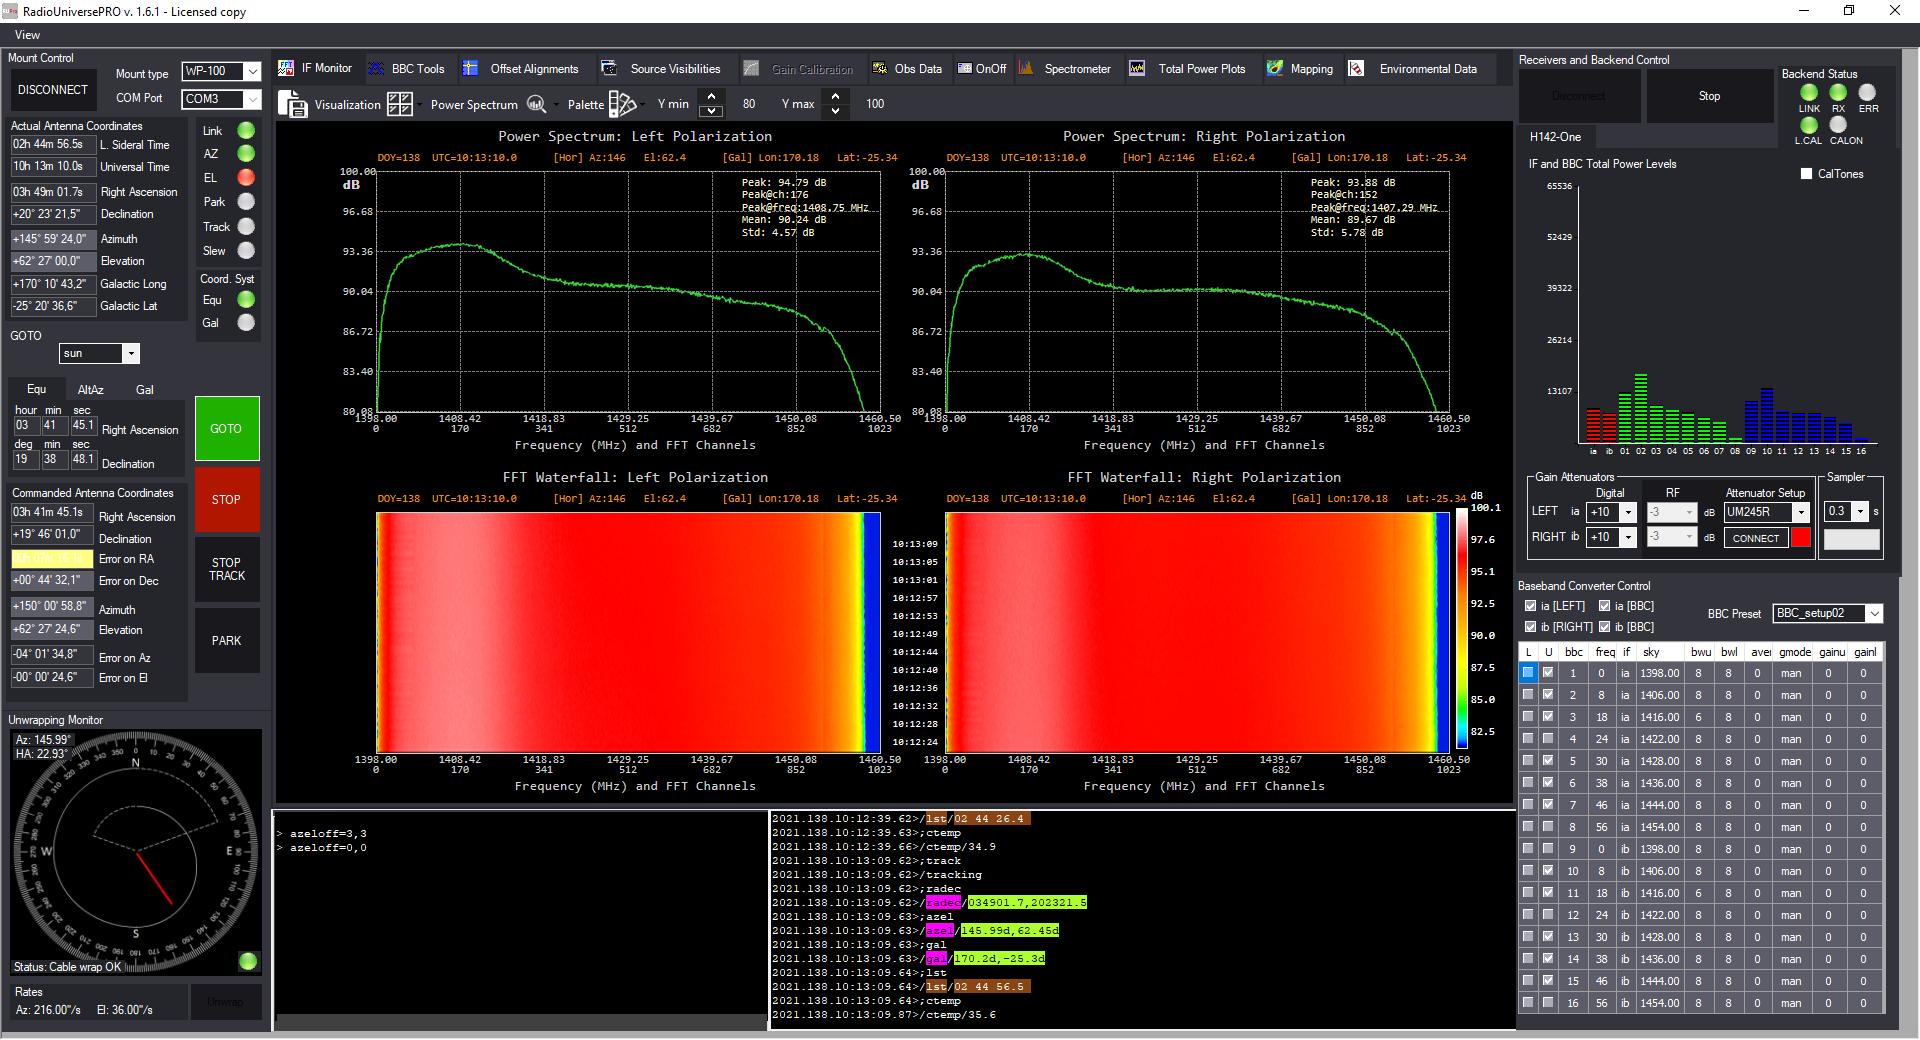 Emissione radio del Sole con i radiotelescopi SPIDER: software RadioUniversePRO e IF Monitor